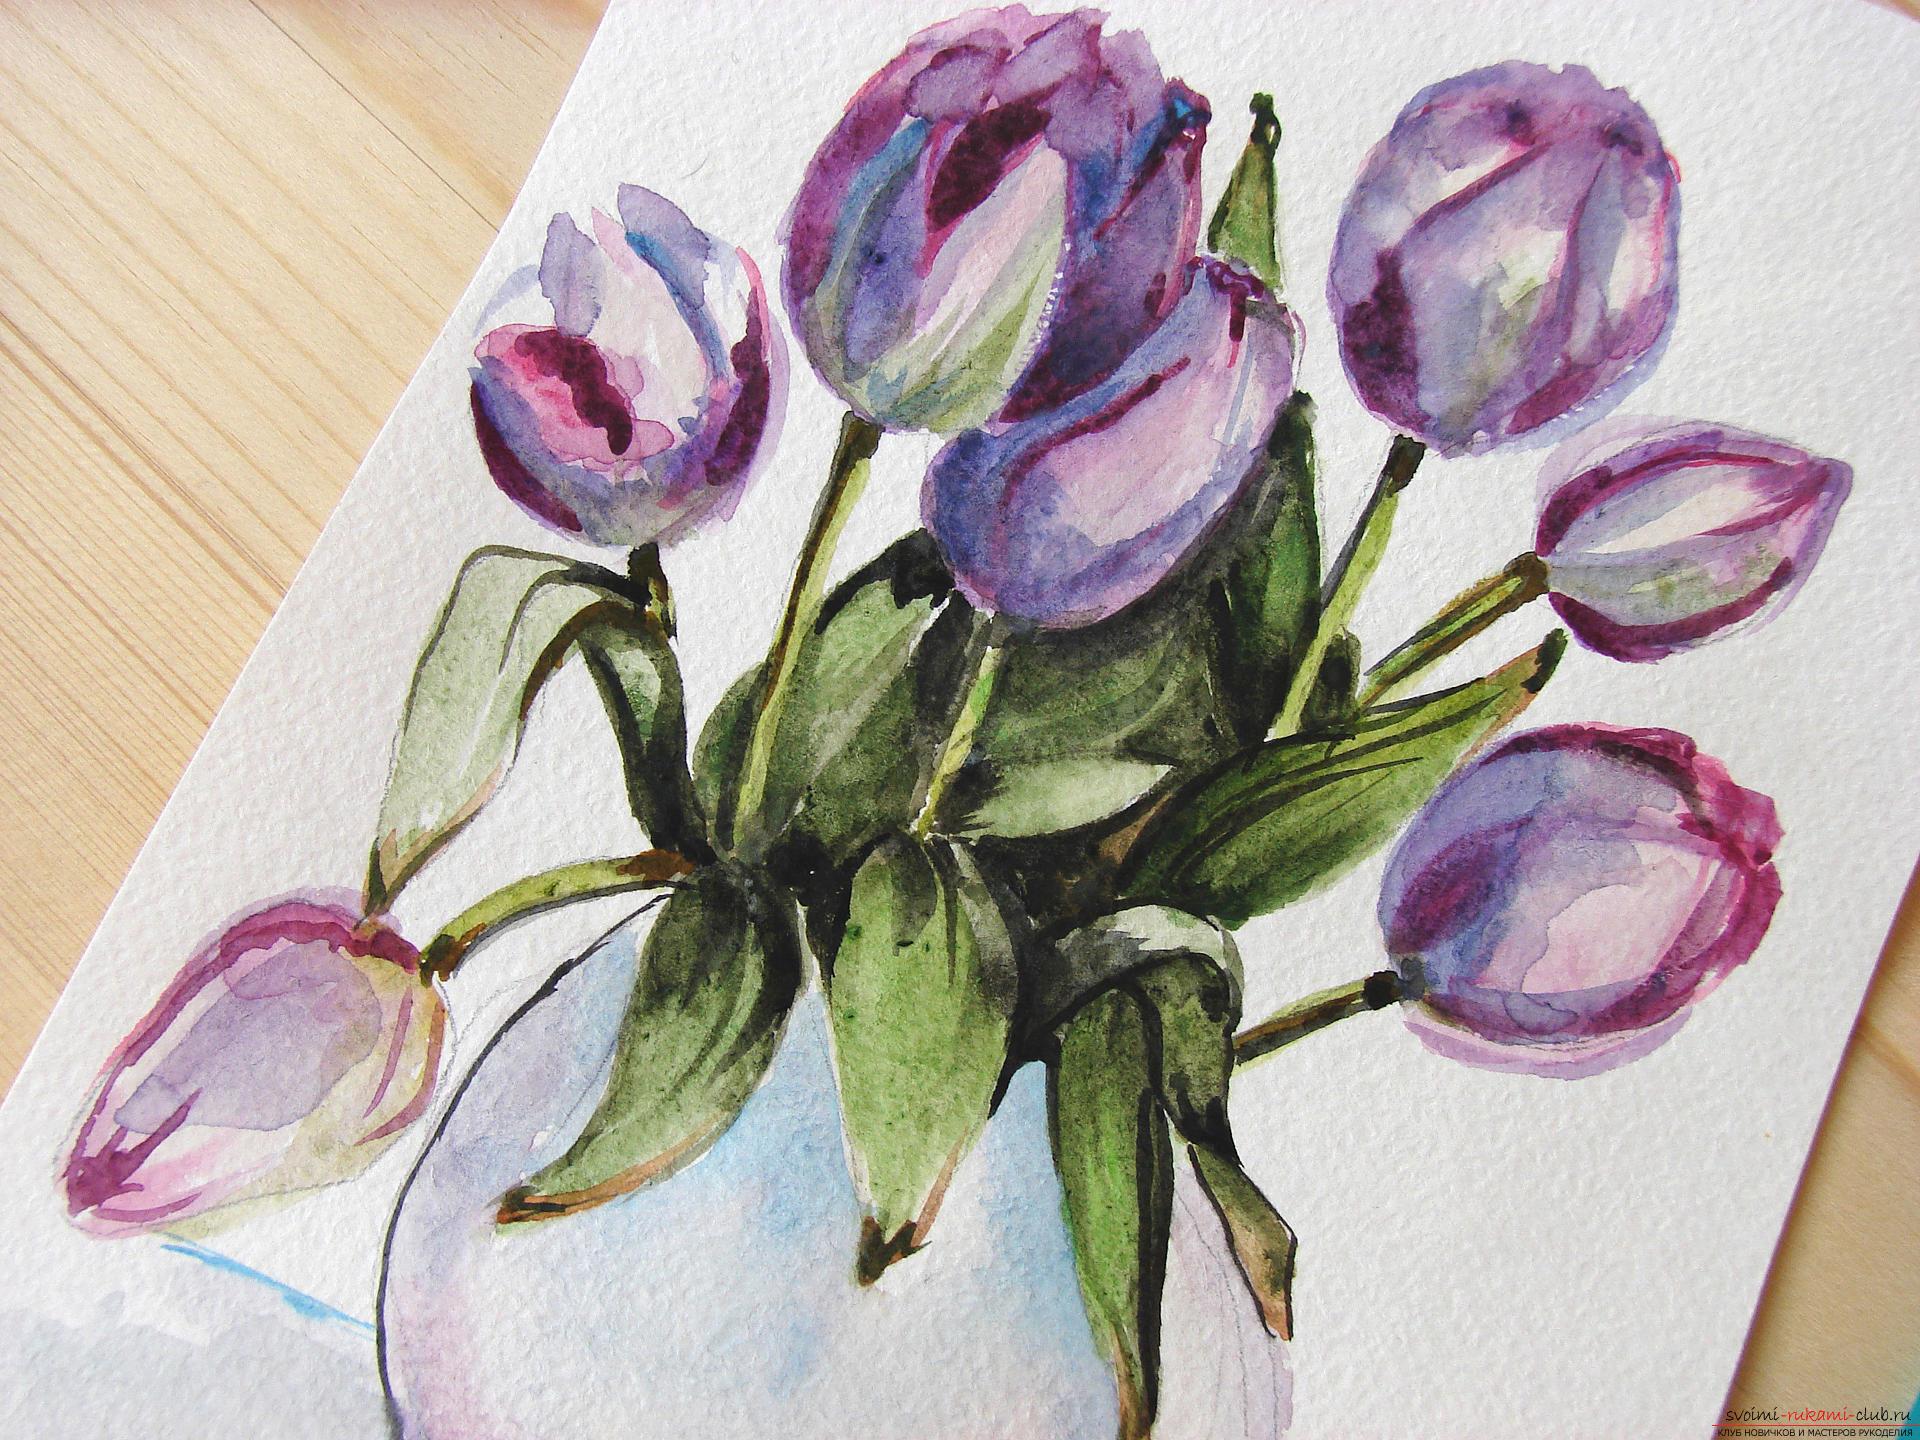 Мастер-класс по рисованию с фото научит как нарисовать цветы, подробно описав как рисуются тюльпаны поэтапно.. Фото №24